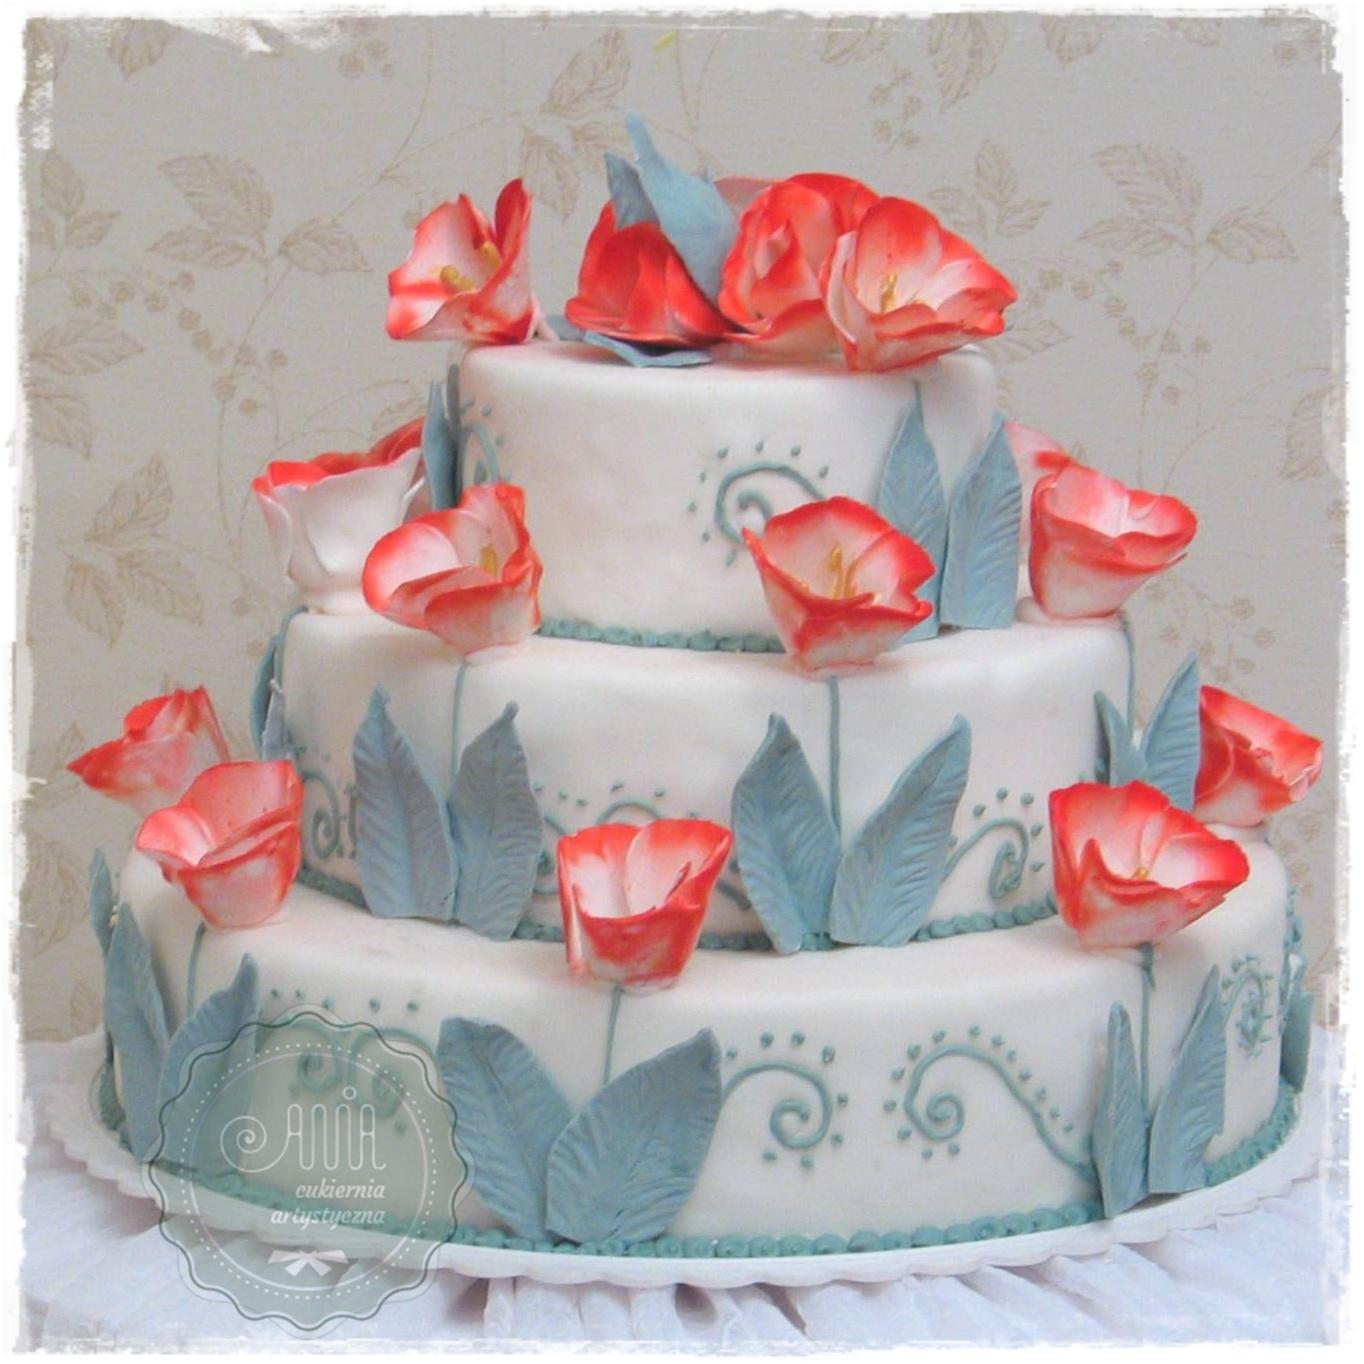 Tort weselny Tulipany - zdjęcie 1